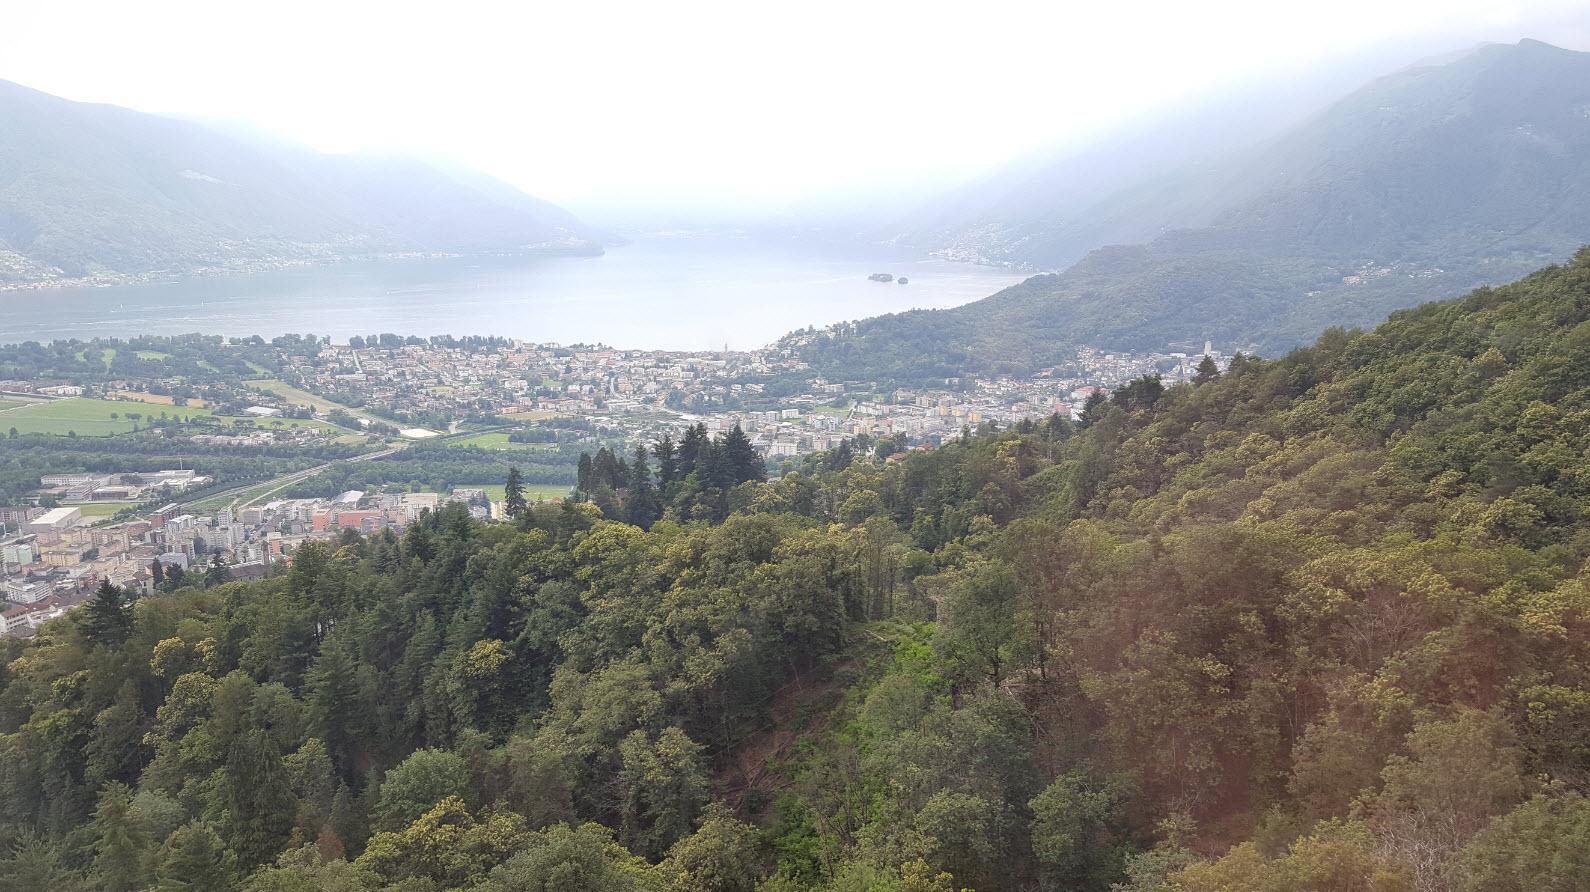 Vue depuis le telepherique sur le Lac Majeur dans le Tessin et en Italie